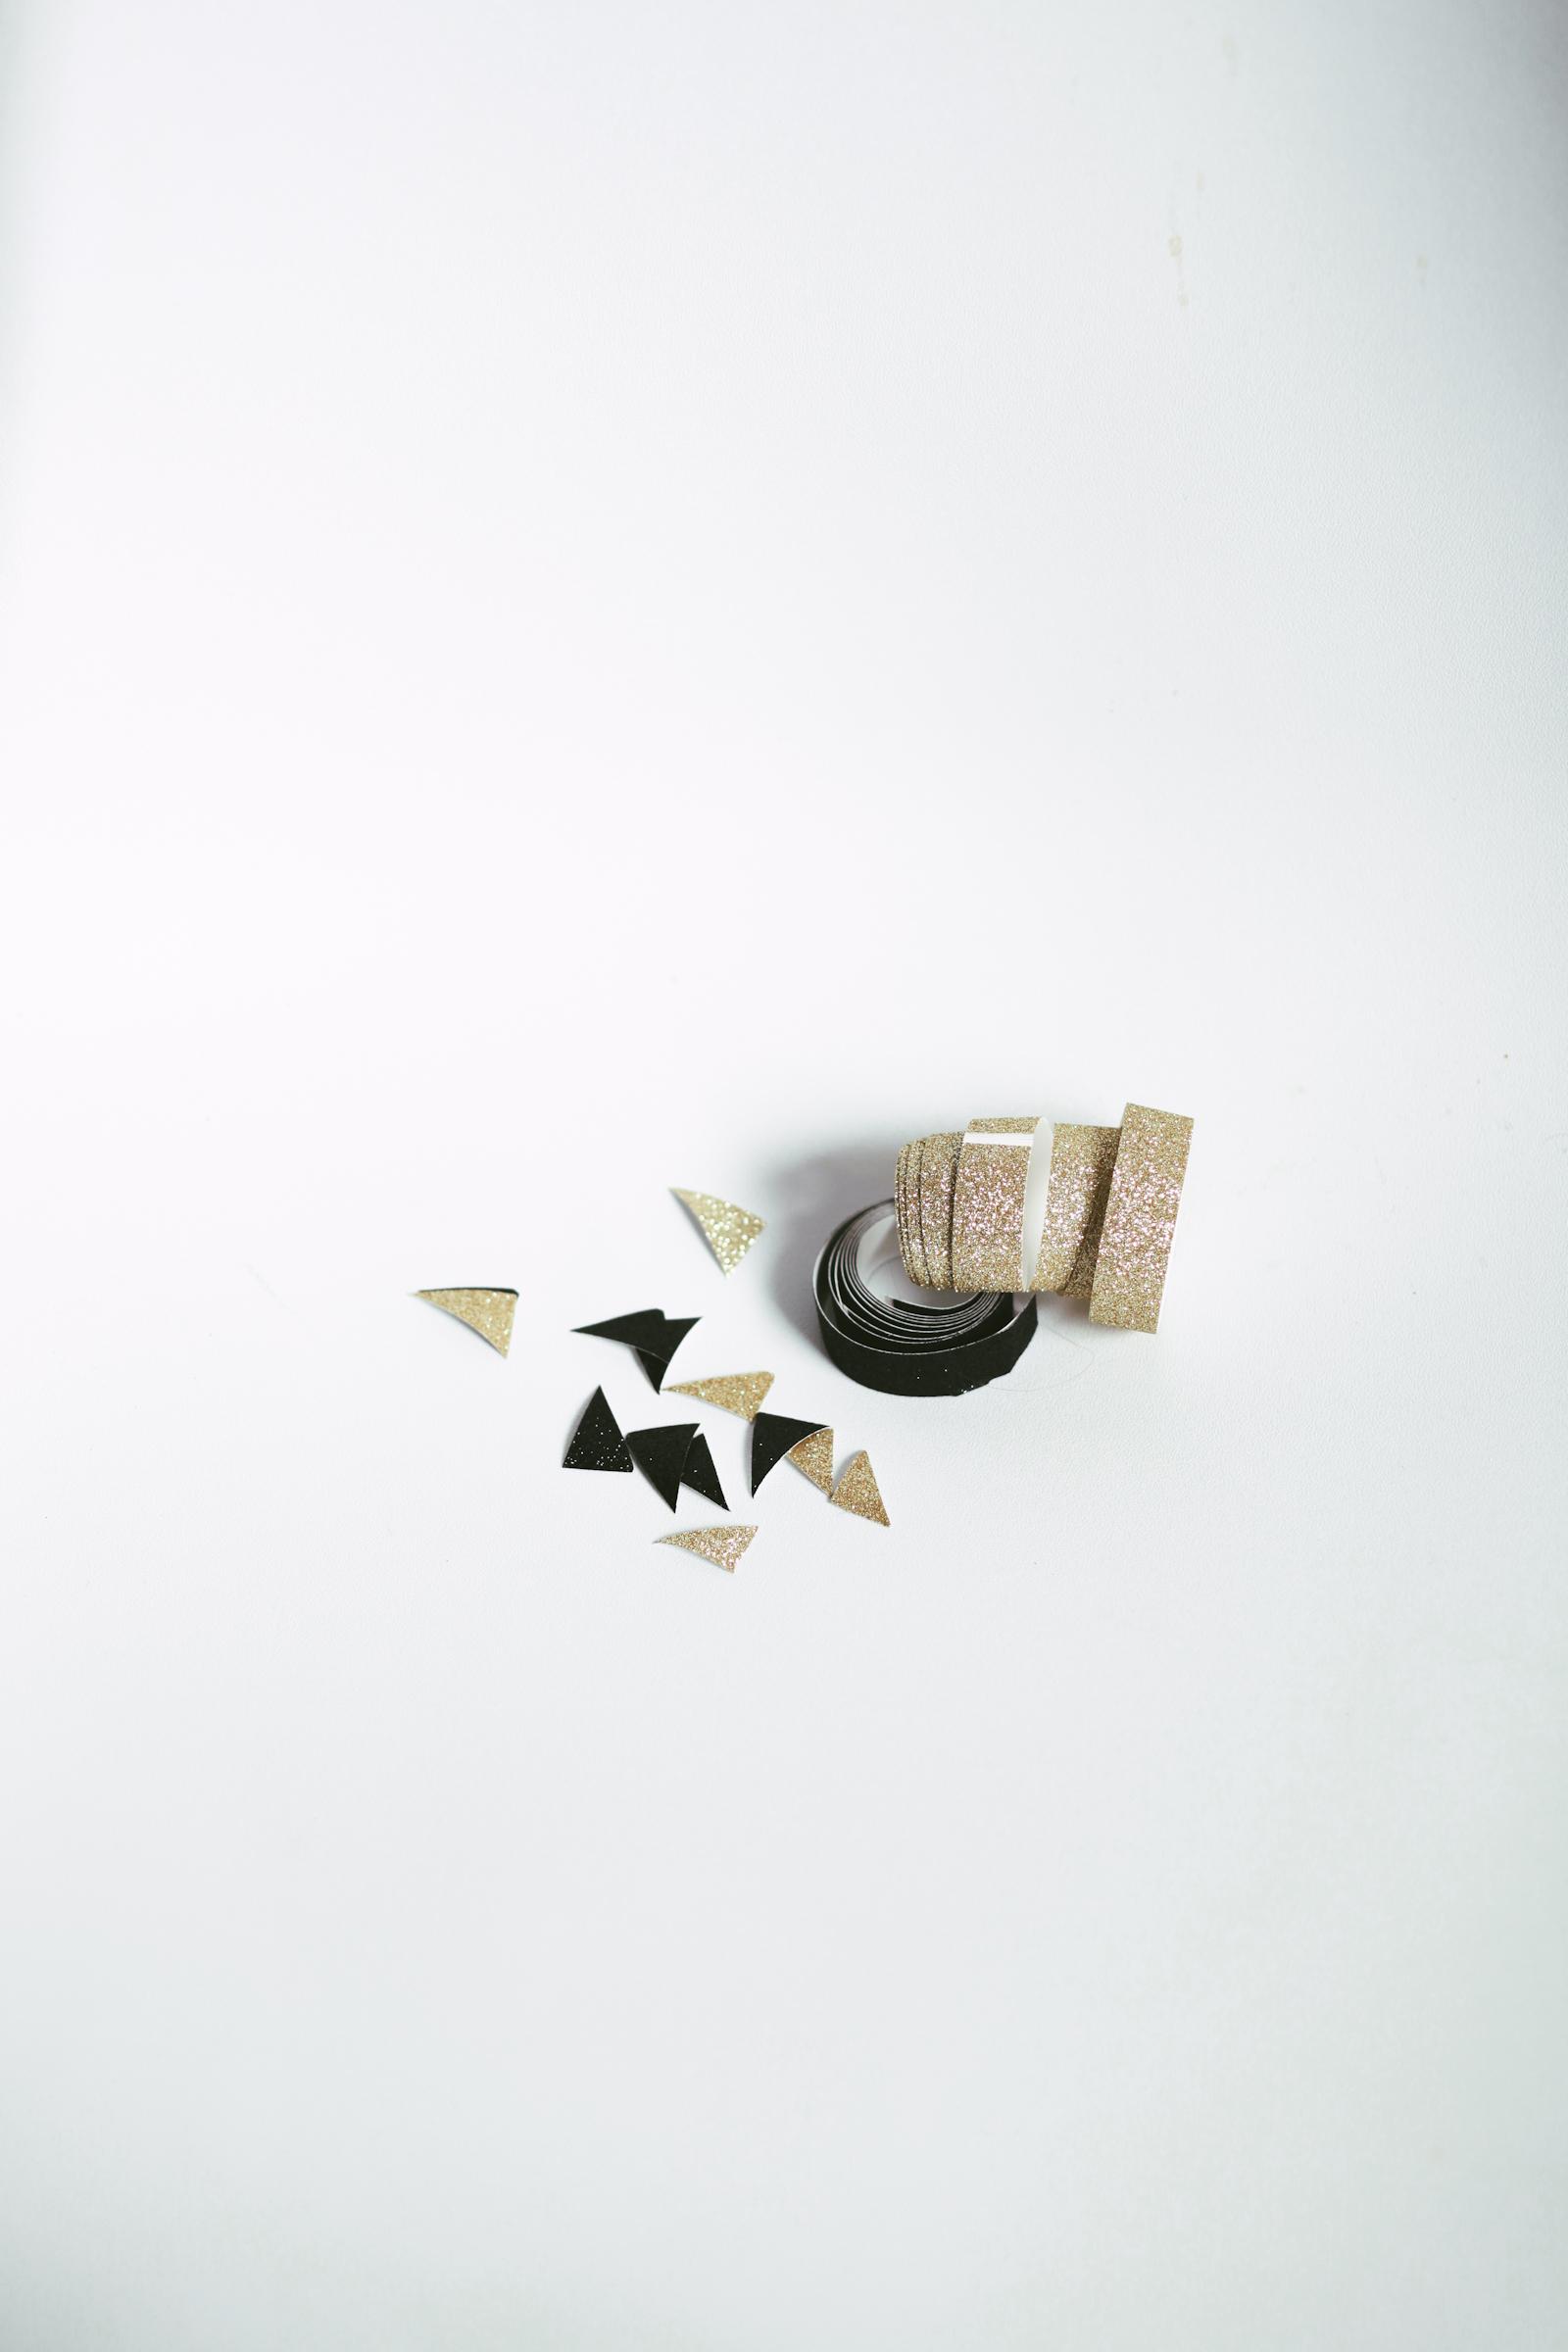 DIY Confetti Decal with Washi Tape-15.jpg